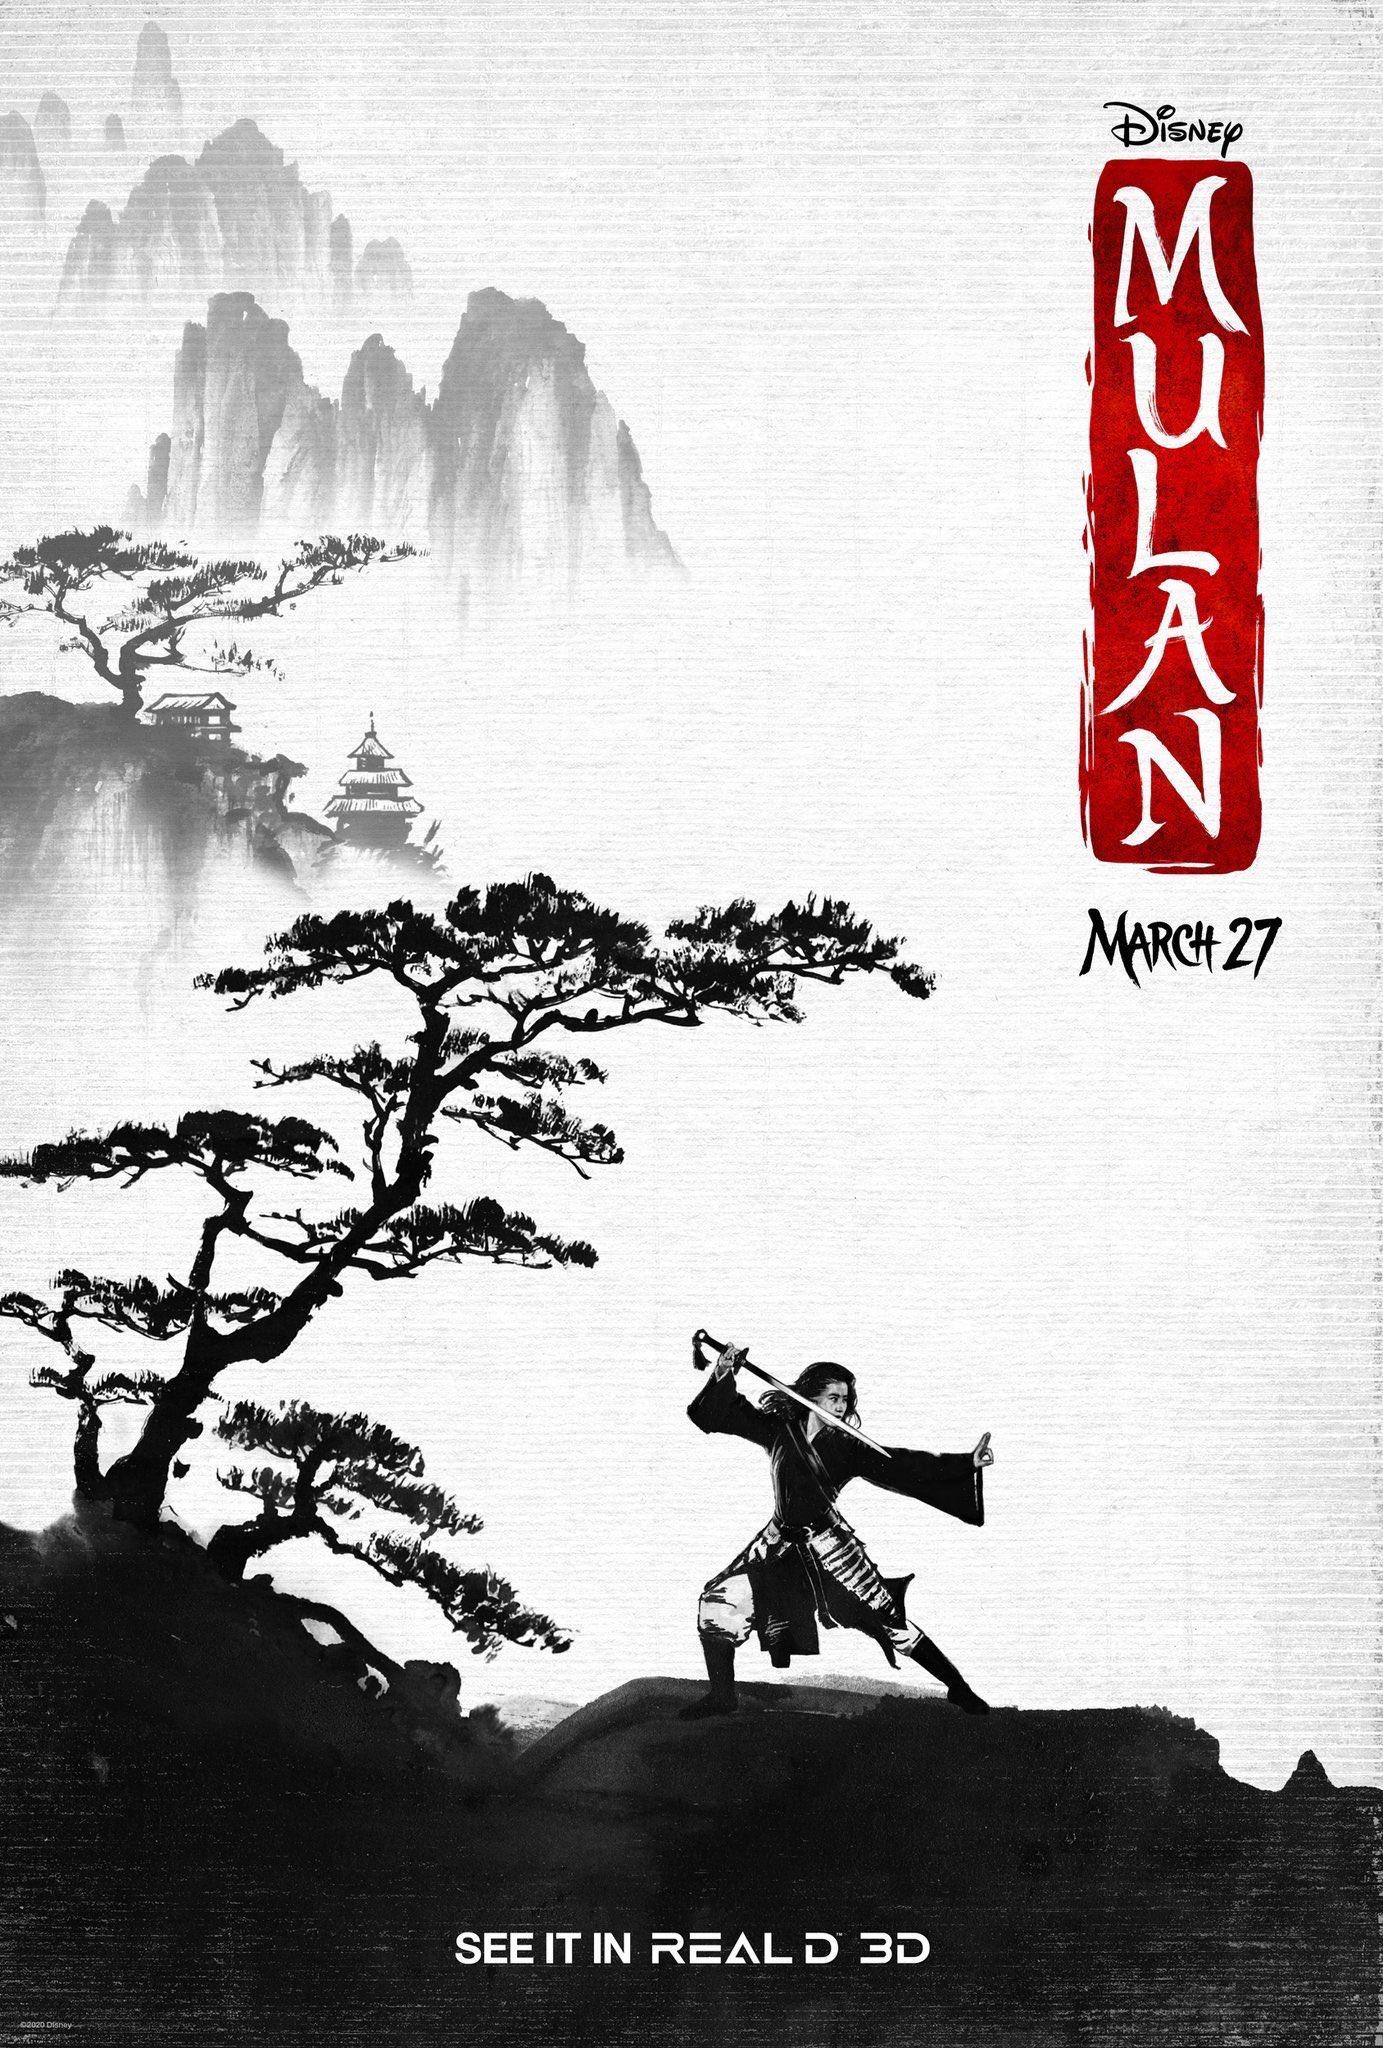 Mulan [Disney - 2020] - Page 16 ERy4PamWkAEyRWa?format=jpg&name=large